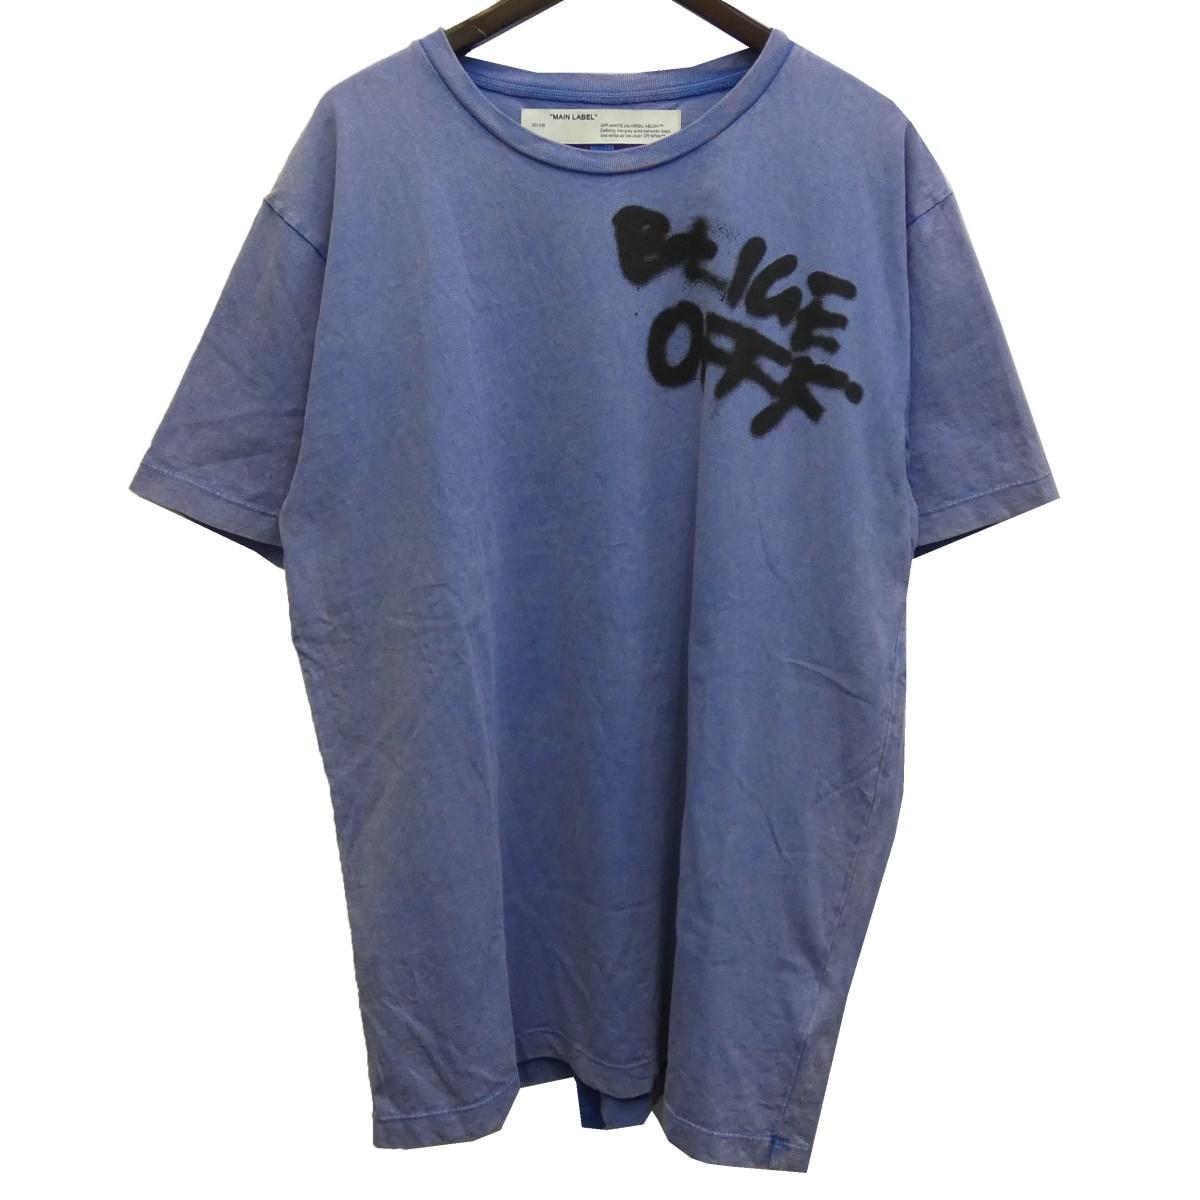 【中古】OFFWHITE19AW「SPRAY BLURED S/S SLIM TEE」ヴィンテージ加工ロゴプリントTシャツ ライトブルー サイズ:XL